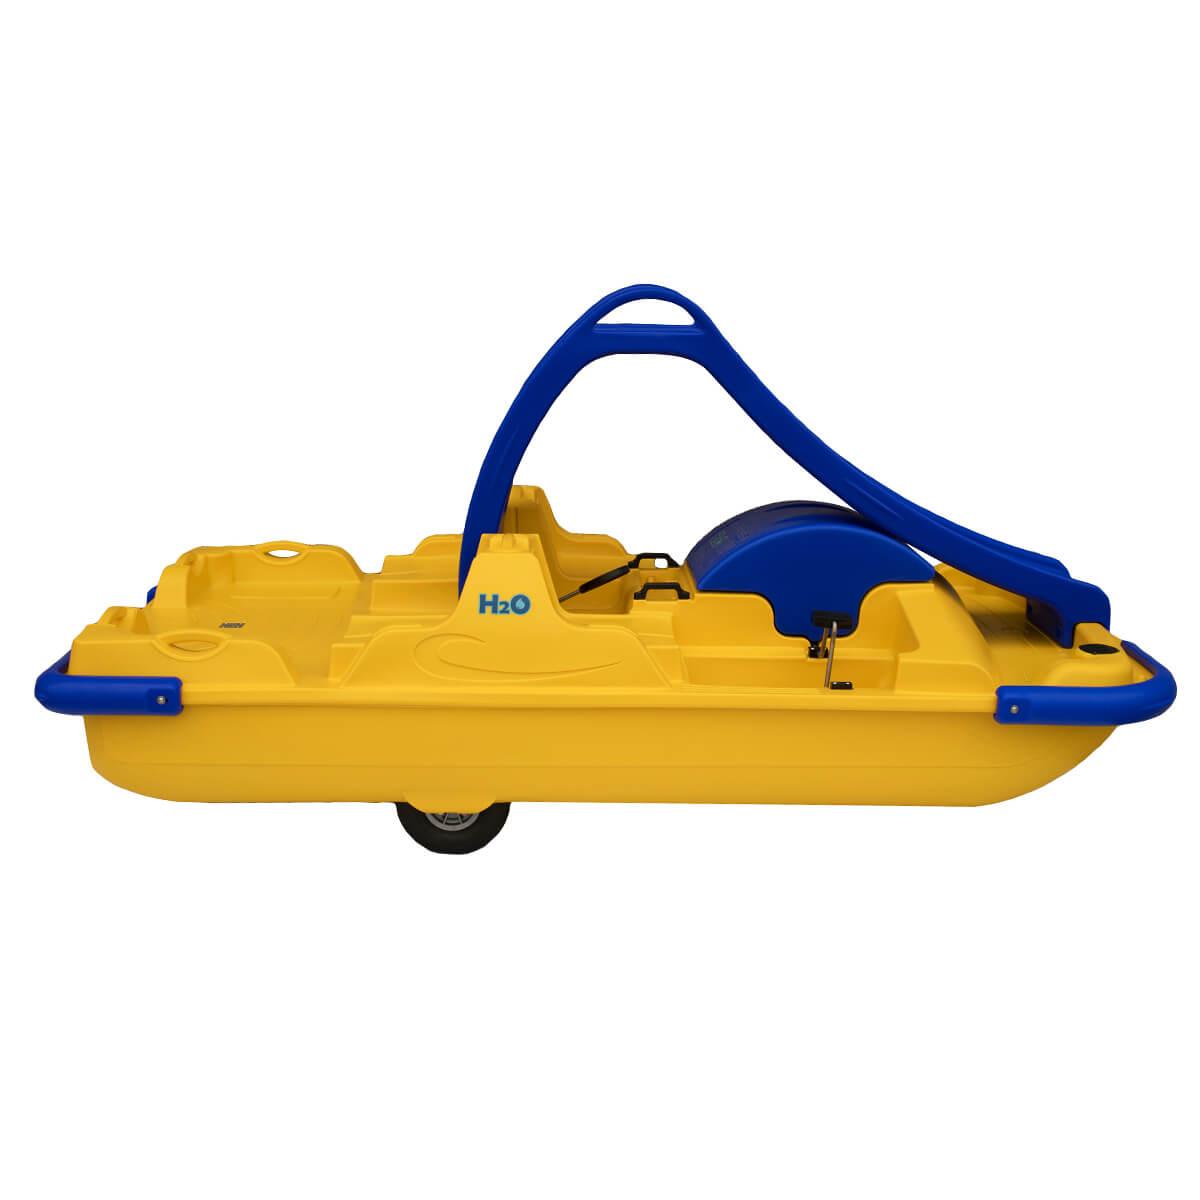 ho pedalo azzurro giallo per coppia con scivolo personalizzabile eurotank